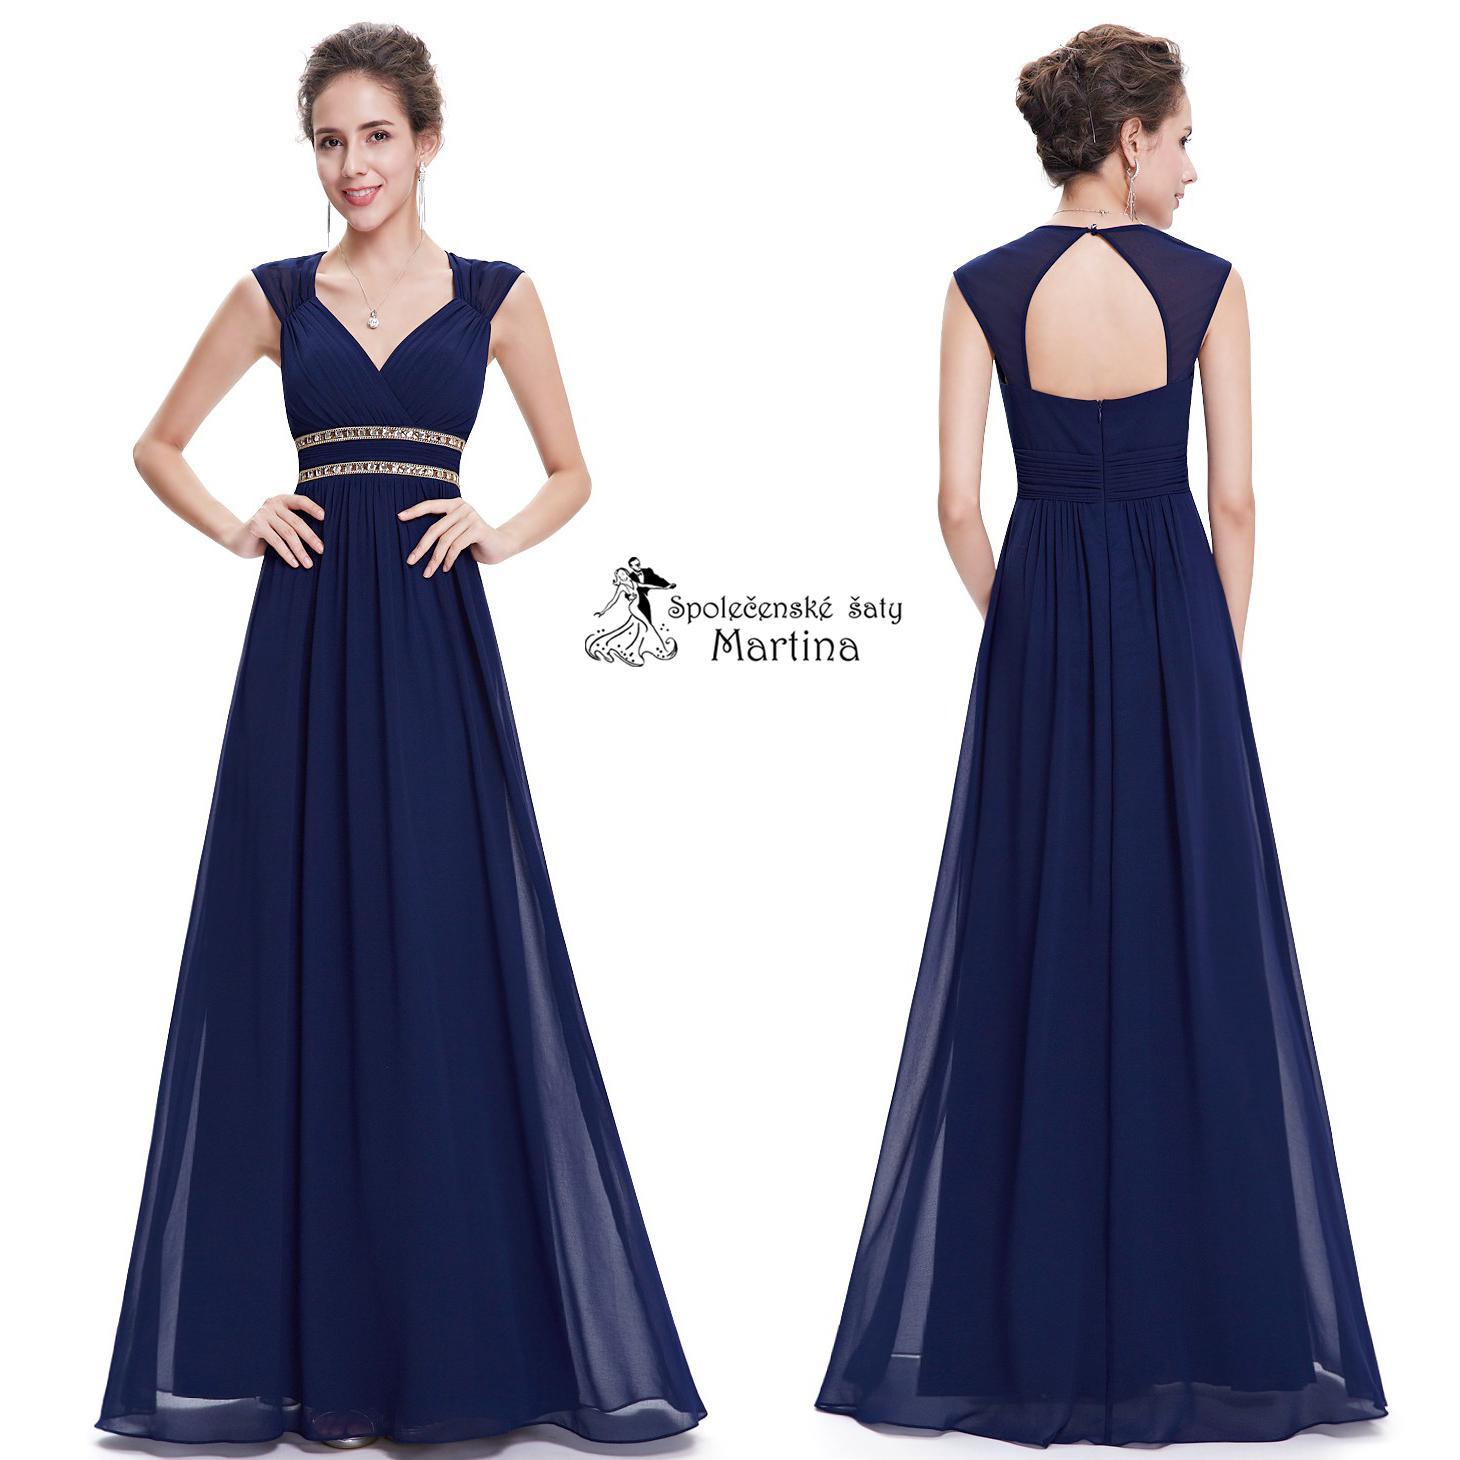 b096a7034c8f Spoločenské-maturitné-plesové šaty